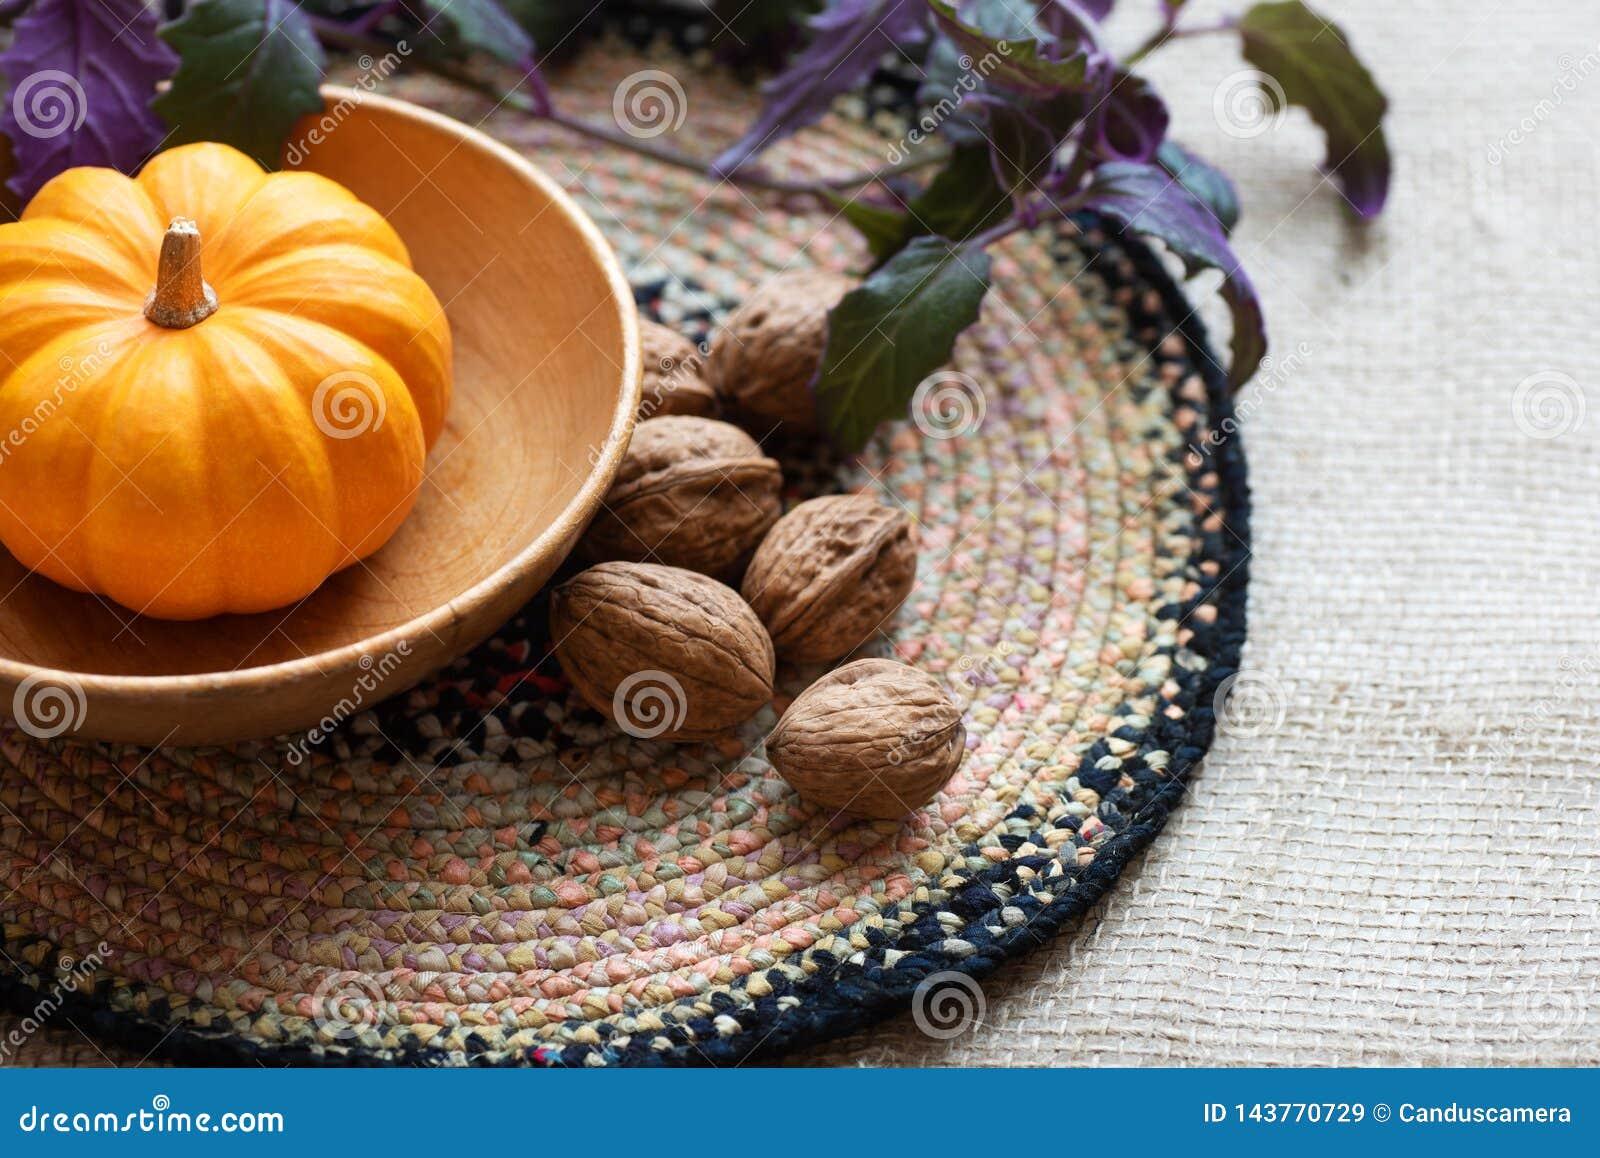 Dziękczynienie spadku Wciąż życie z Mini banią, orzechami włoskimi i rośliną jako centerpiece na stole z textured tkaniny tablecl